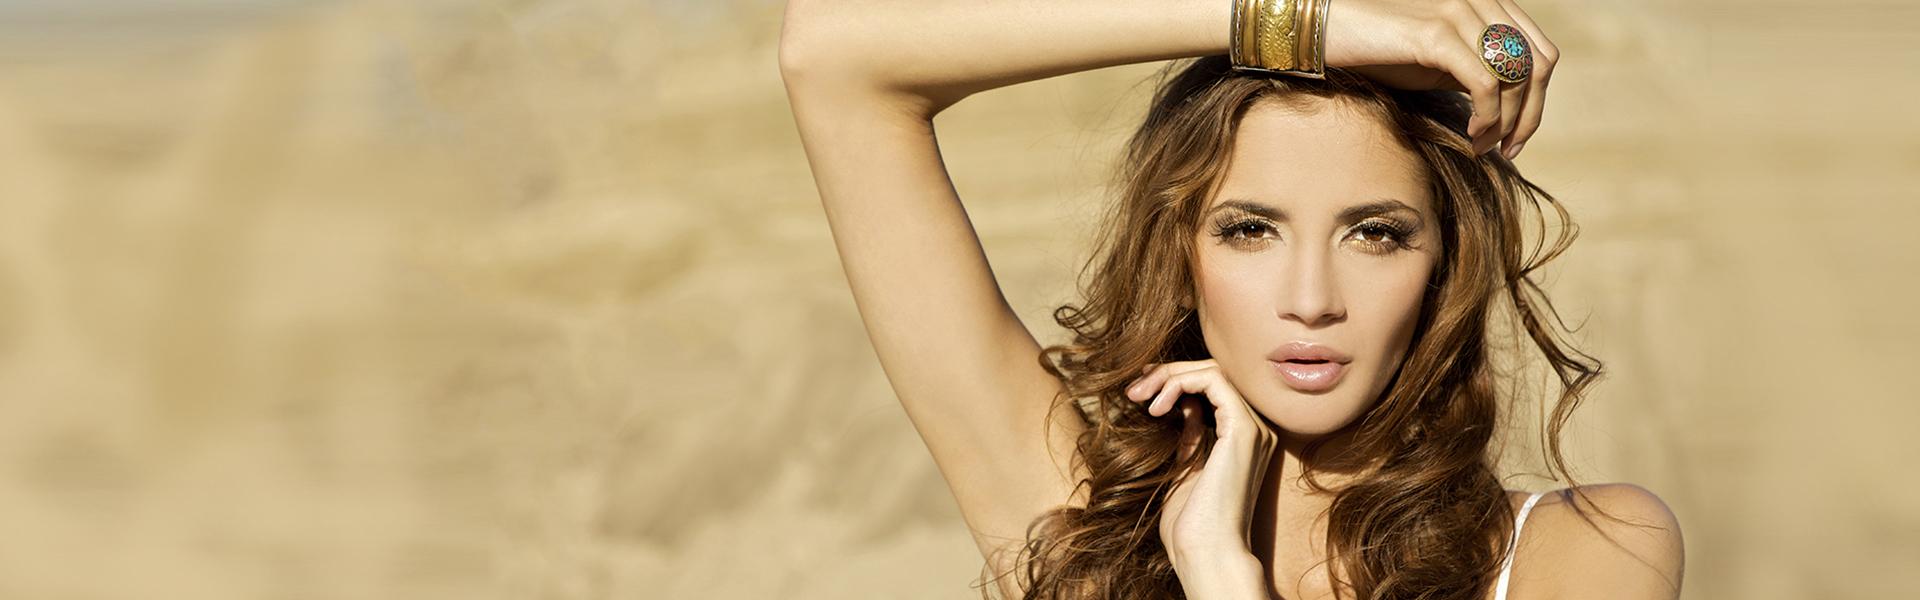 Makeup artist training austin tx